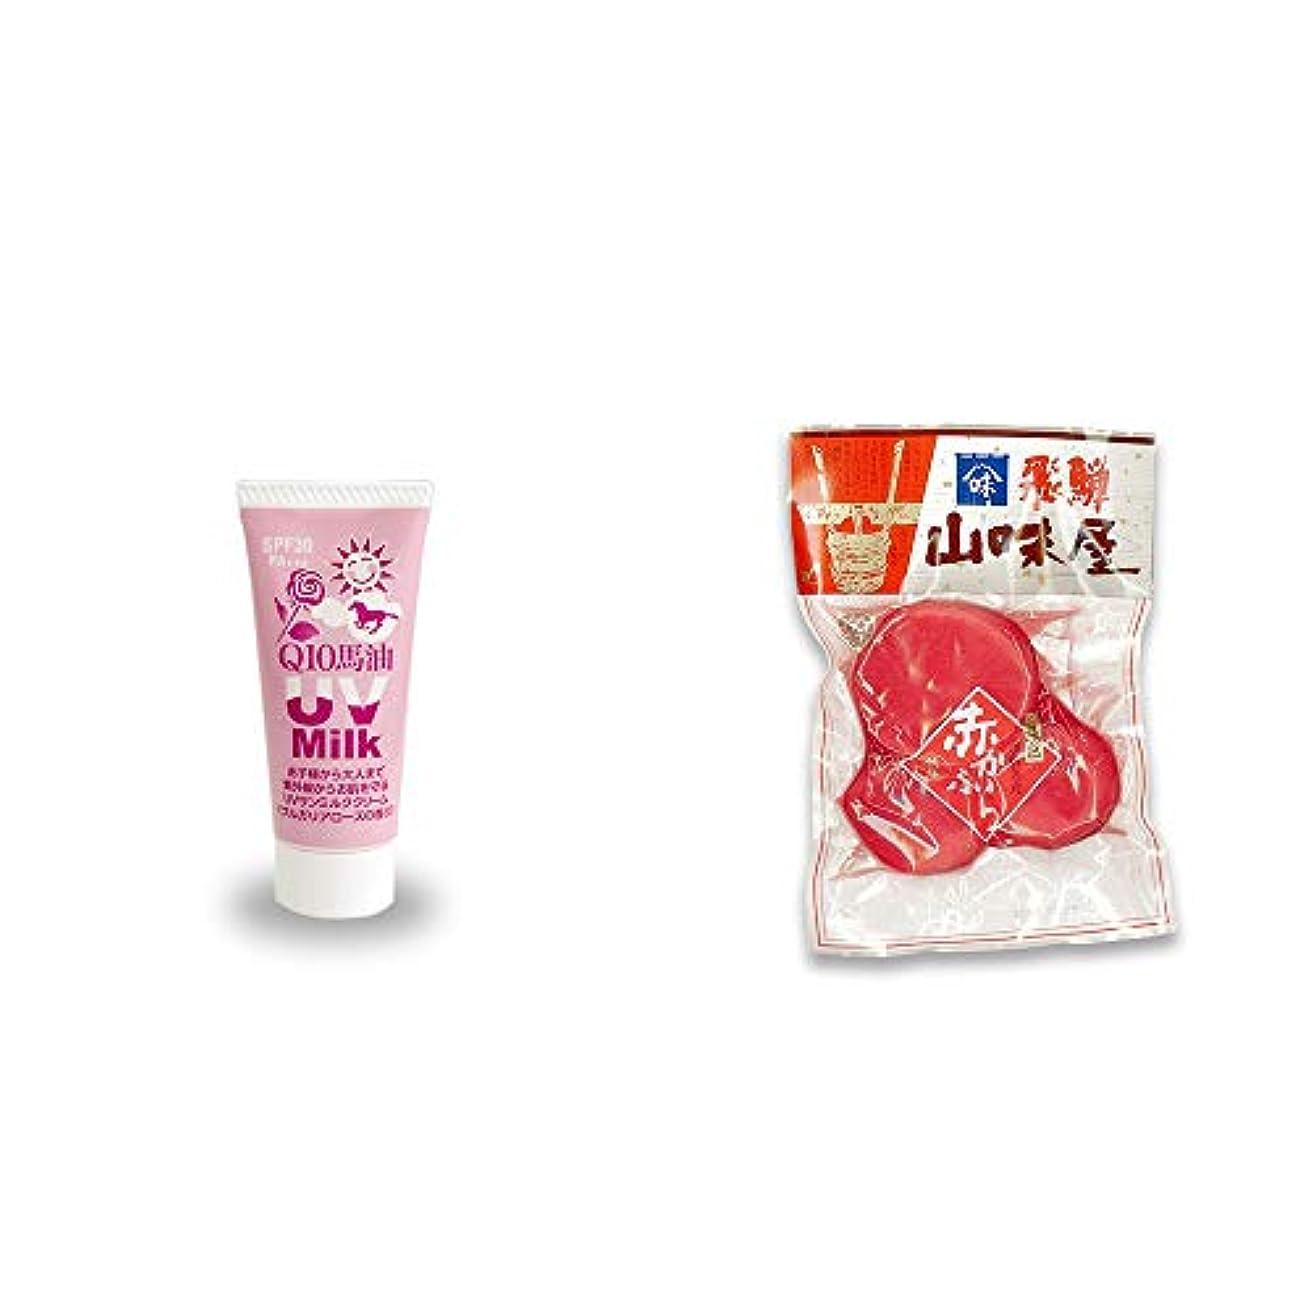 [2点セット] 炭黒泉 Q10馬油 UVサンミルク[ブルガリアローズ](40g)?飛騨山味屋 赤かぶら【大】(230g)[赤かぶ漬け]